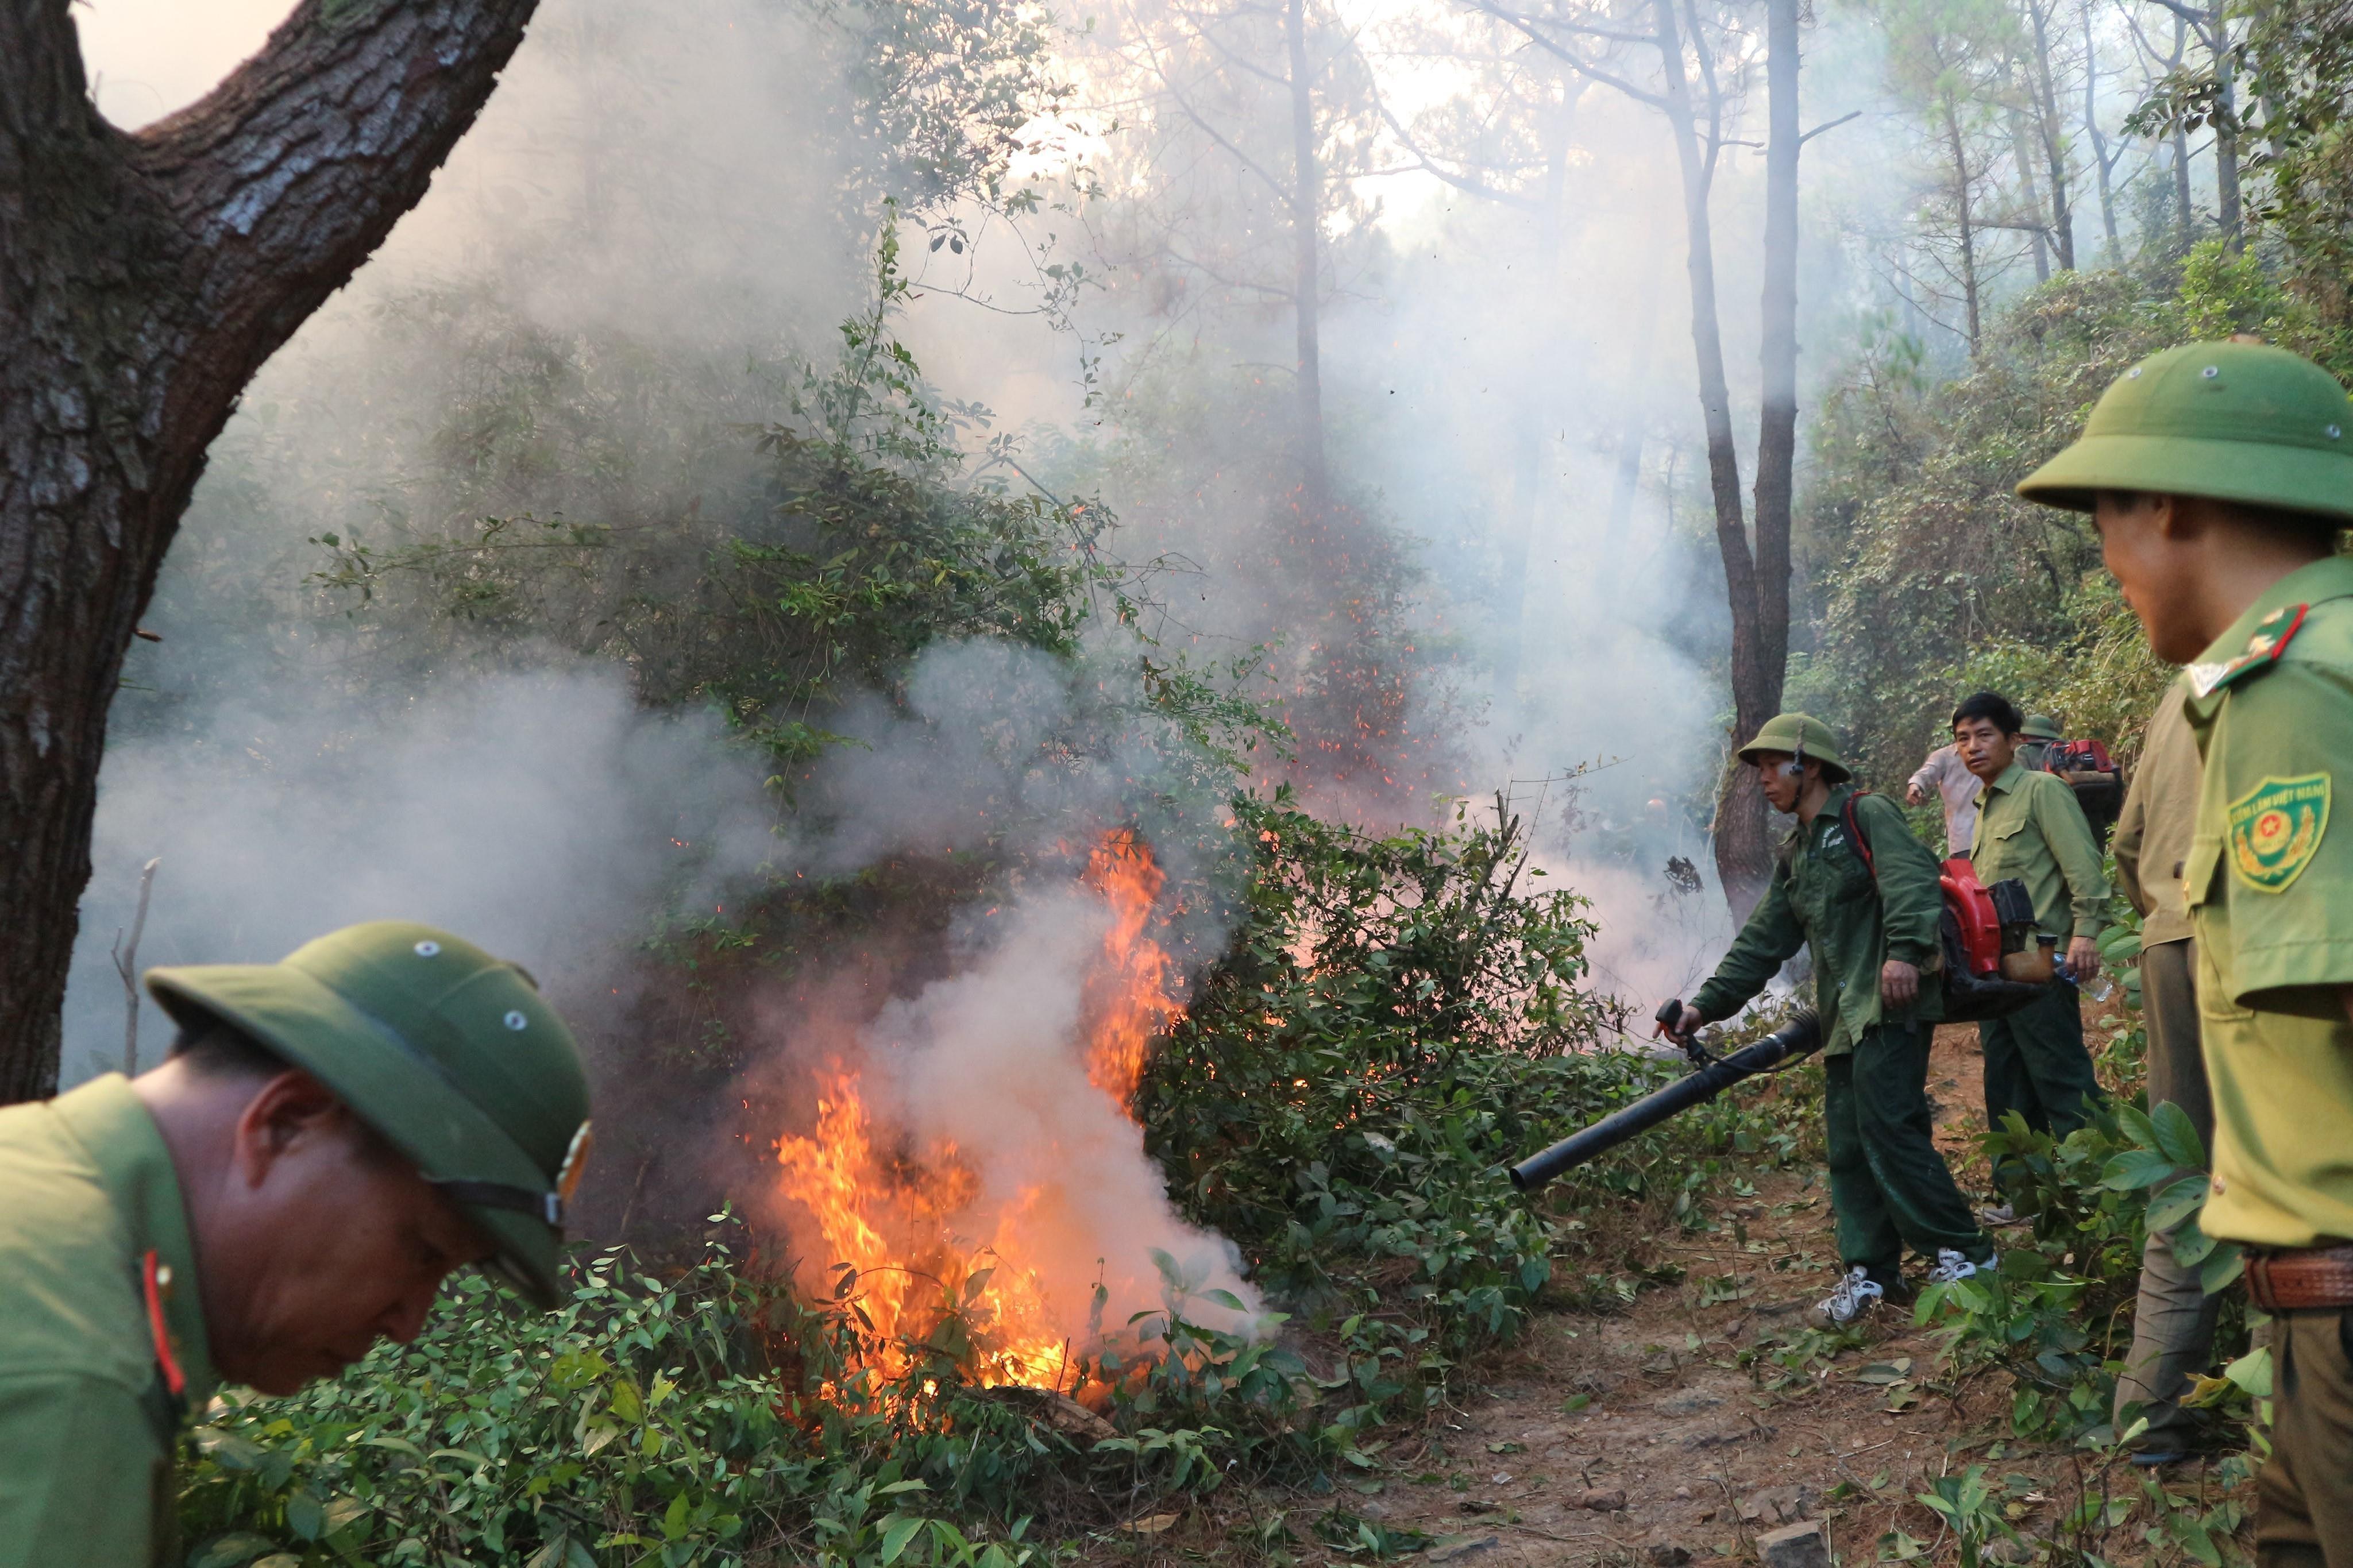 Khám nghiệm hiện trường khu vực khởi phát gây cháy rừng ở Hà Tĩnh